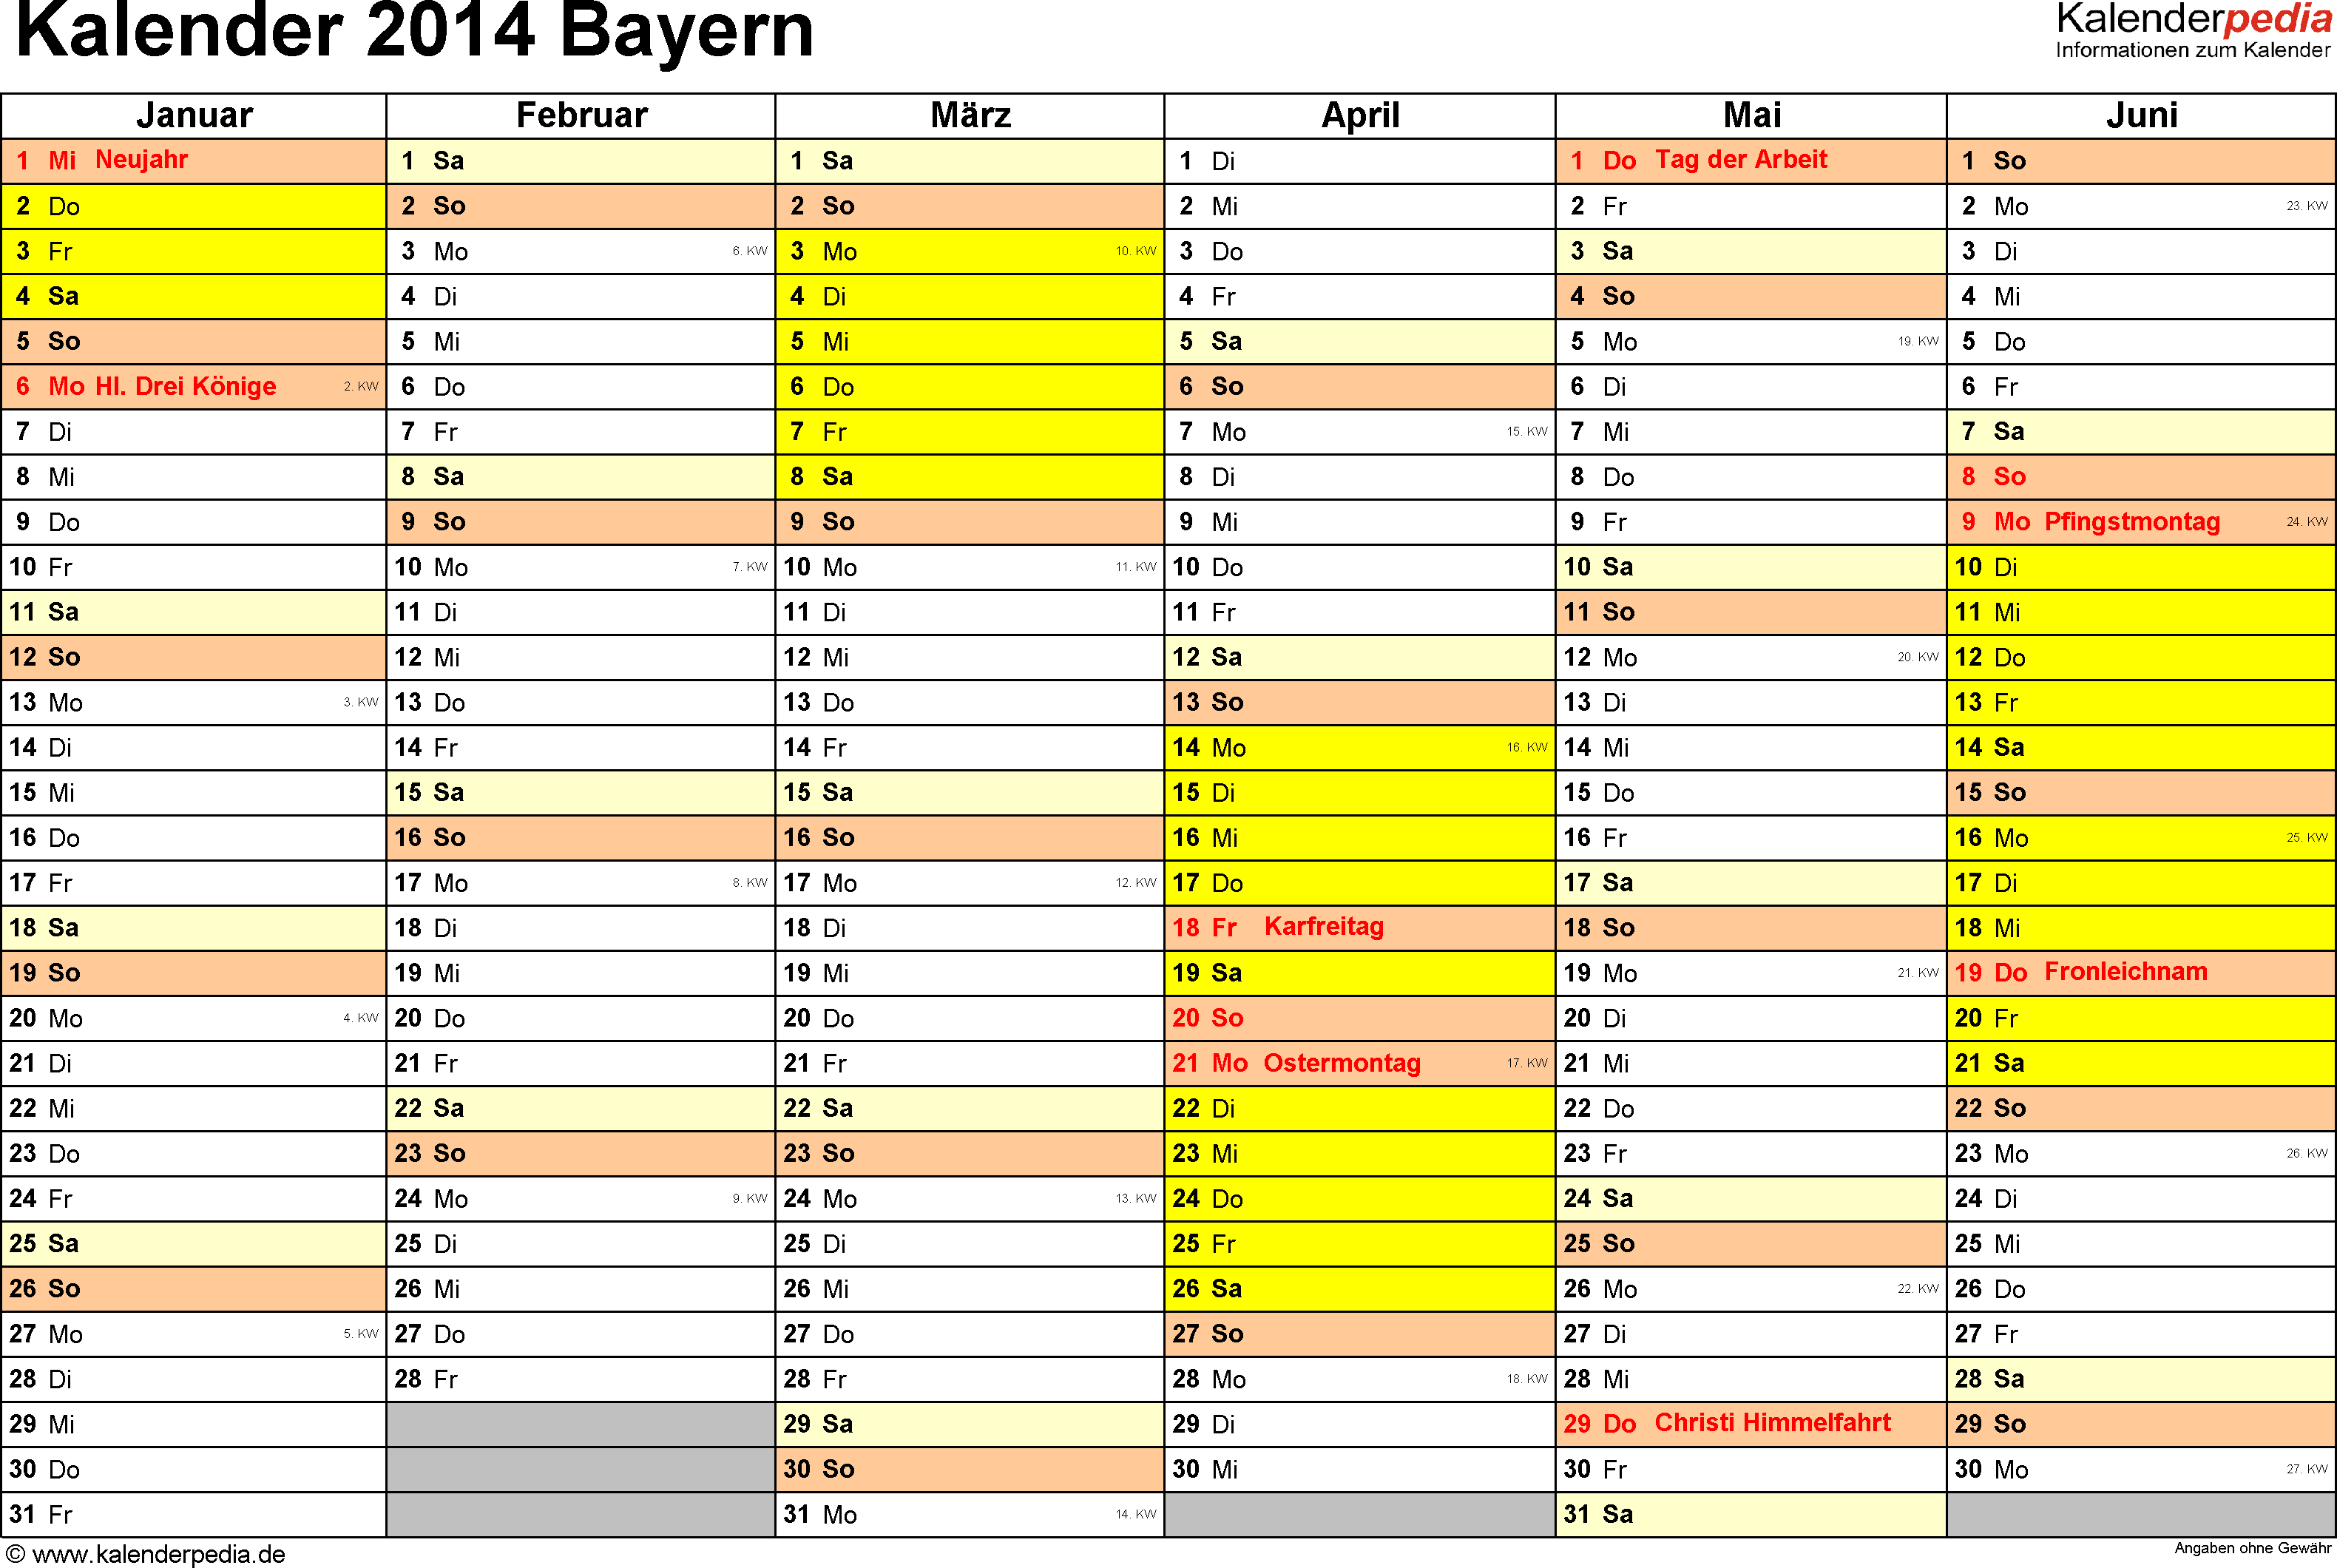 Vorlage 3: Kalender 2014 für Bayern als Word-Vorlagen (Querformat, 2 Seiten)